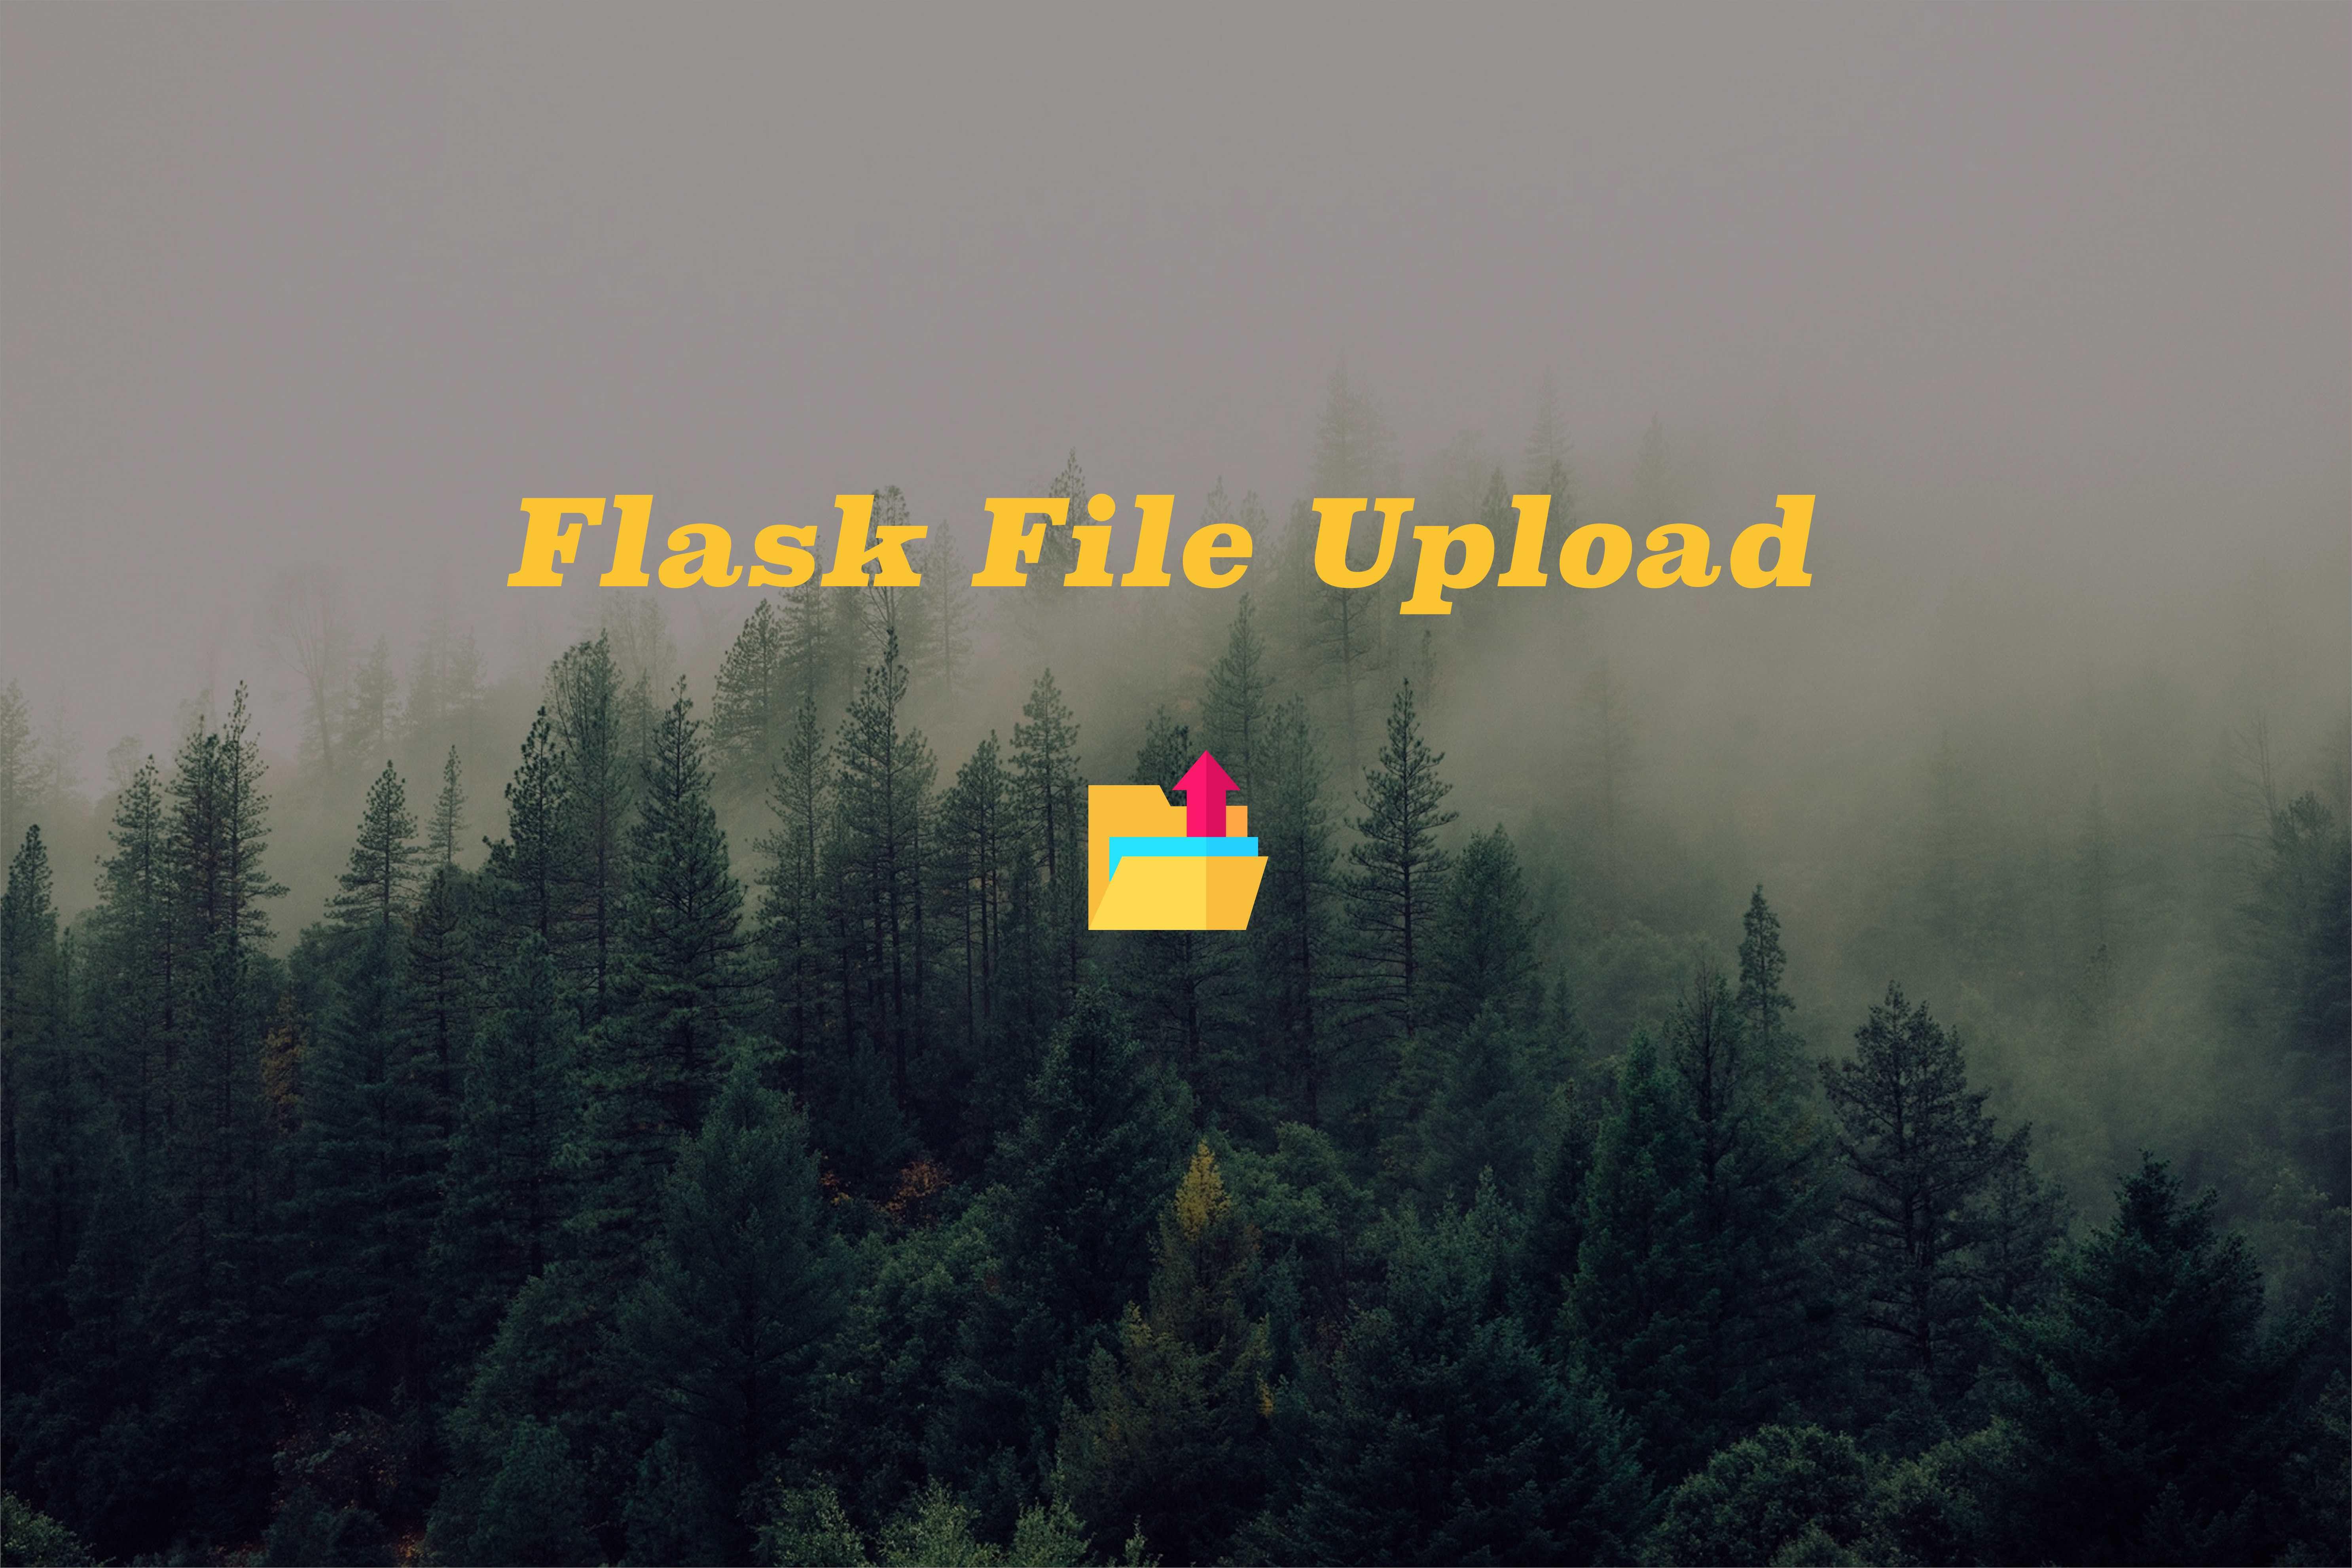 flask-file-upload